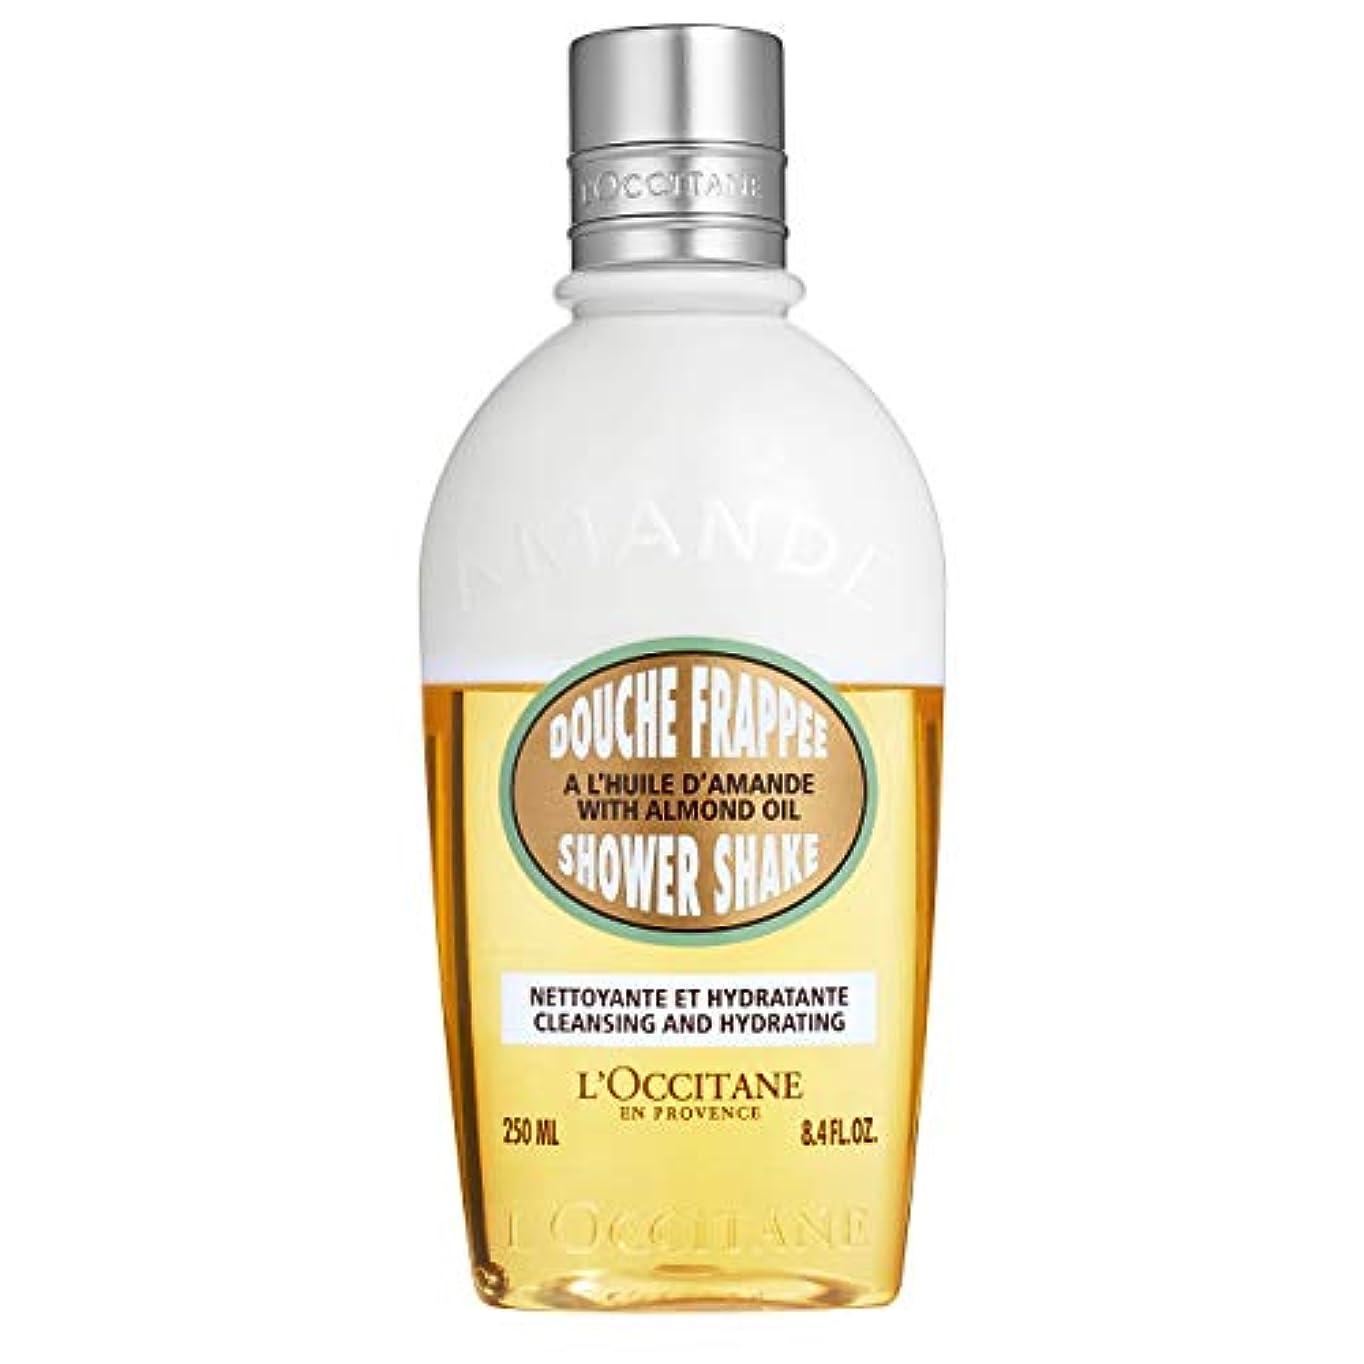 いわゆる匹敵します束ねるロクシタン(L'OCCITANE) アーモンド ミルクシャワーシェイク 250ml(ボディ用洗浄料)